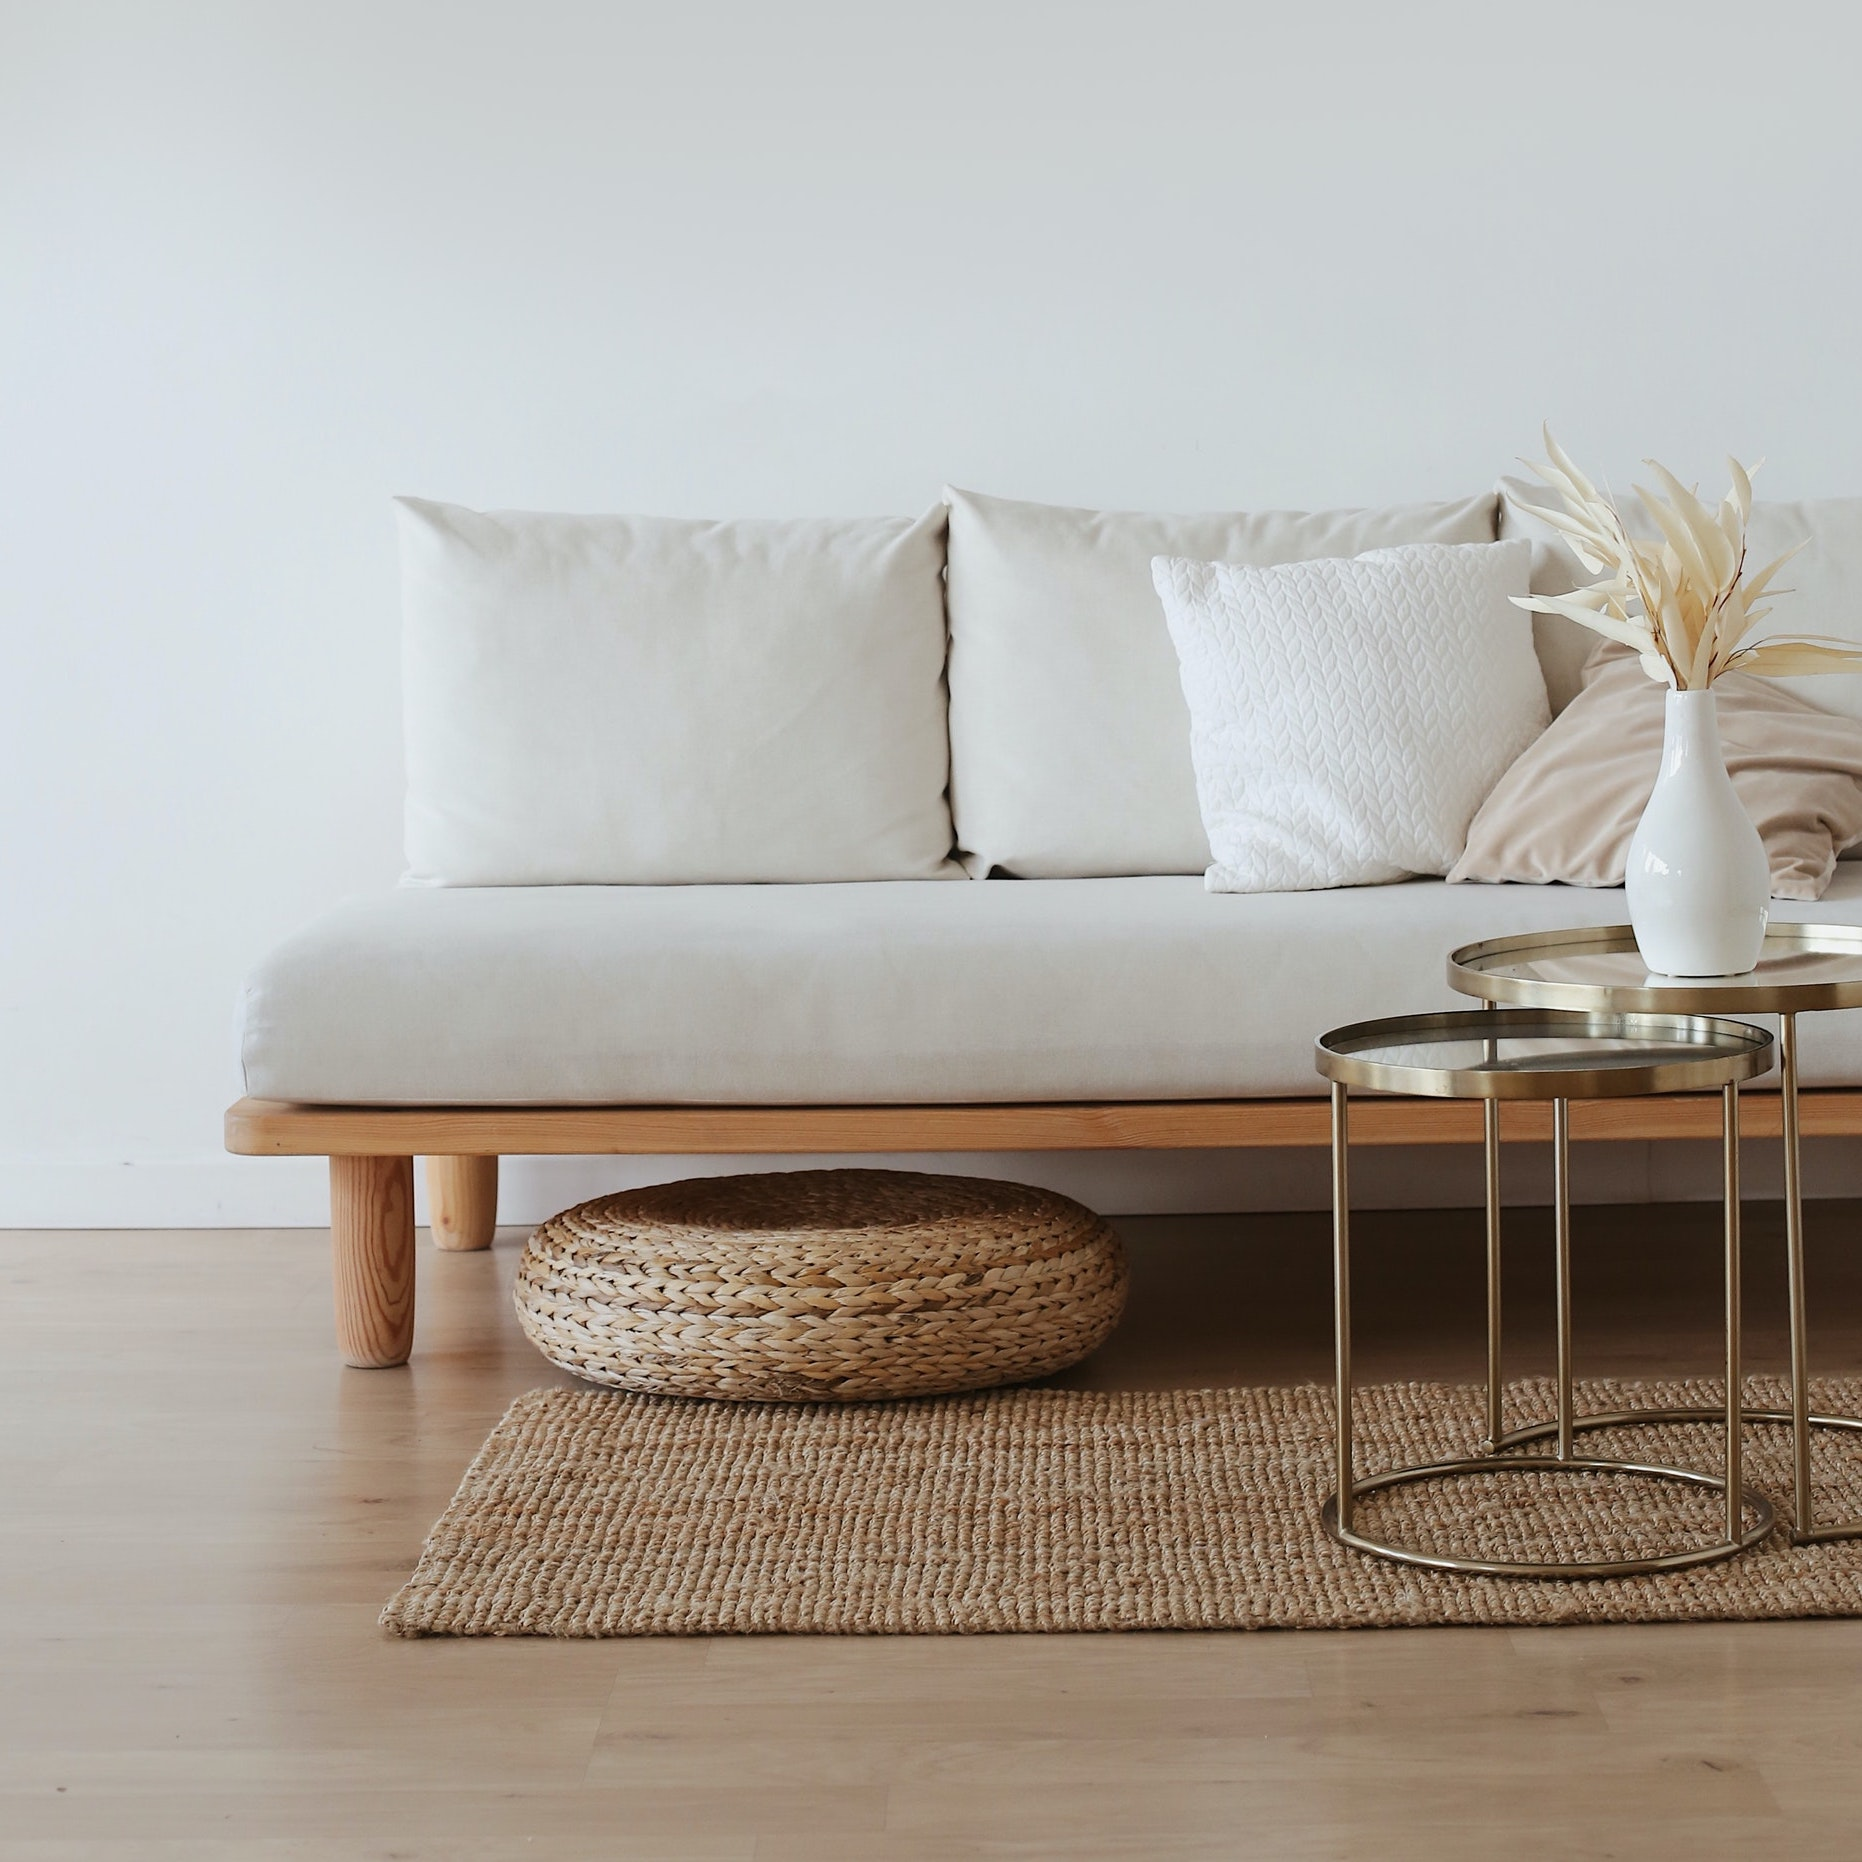 Sofa auf hellem Parkett